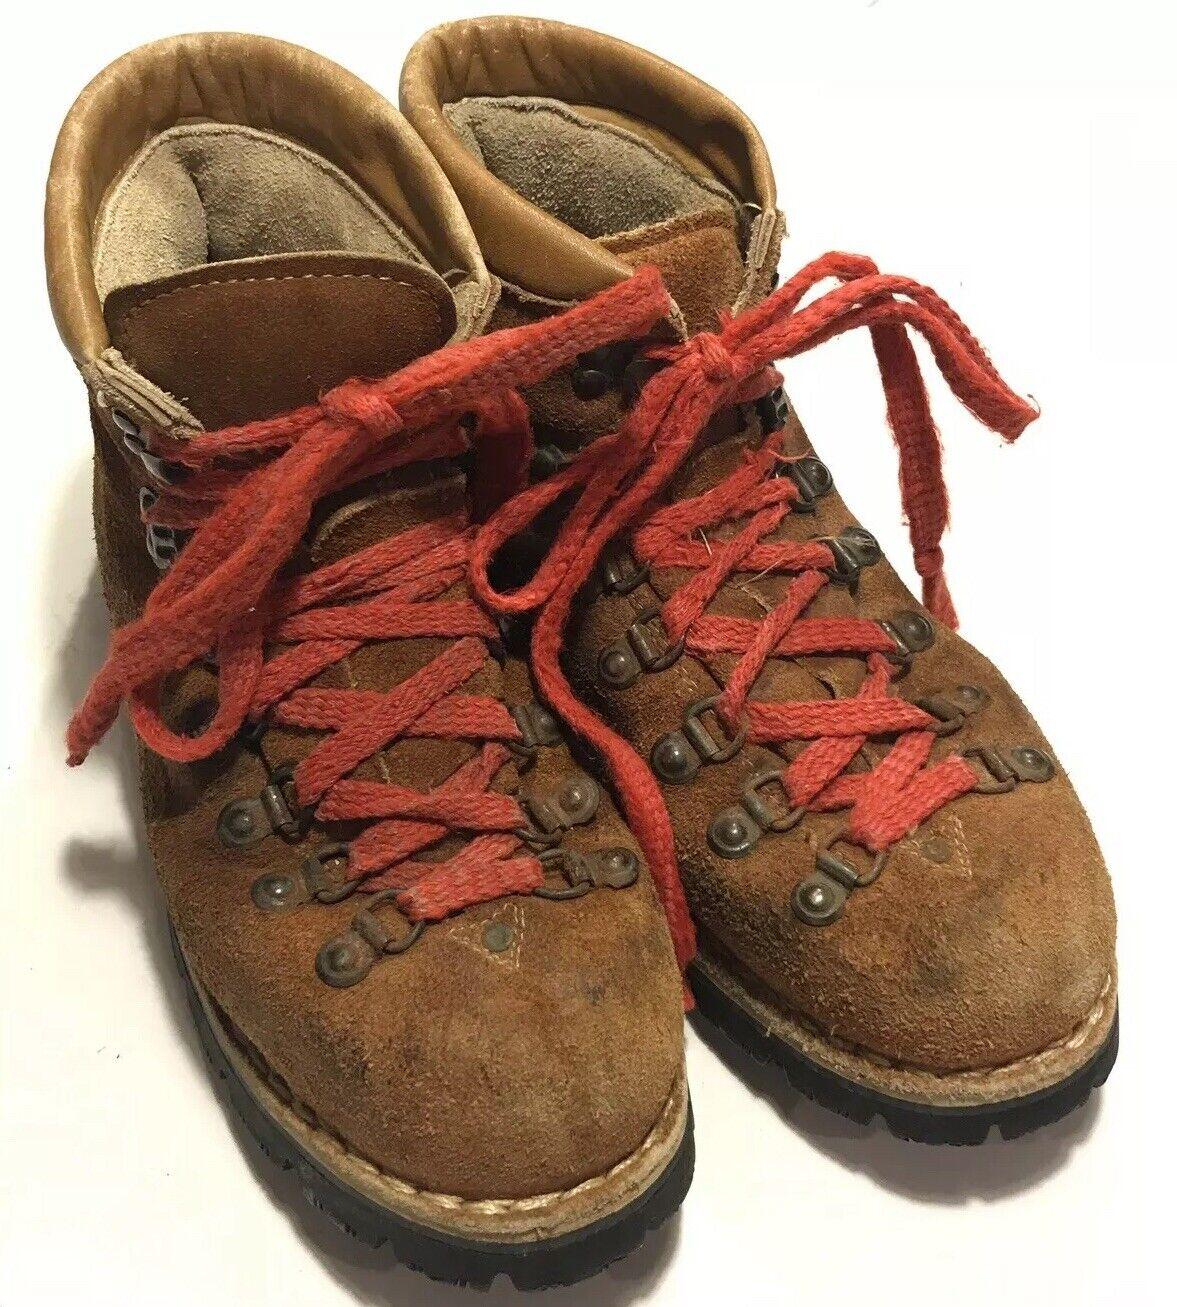 scelta migliore Vintage Hiking stivali donna 9 9.5 Marrone Marrone Marrone Tan Suede Made In  Vibrant Soles  n ° 1 online